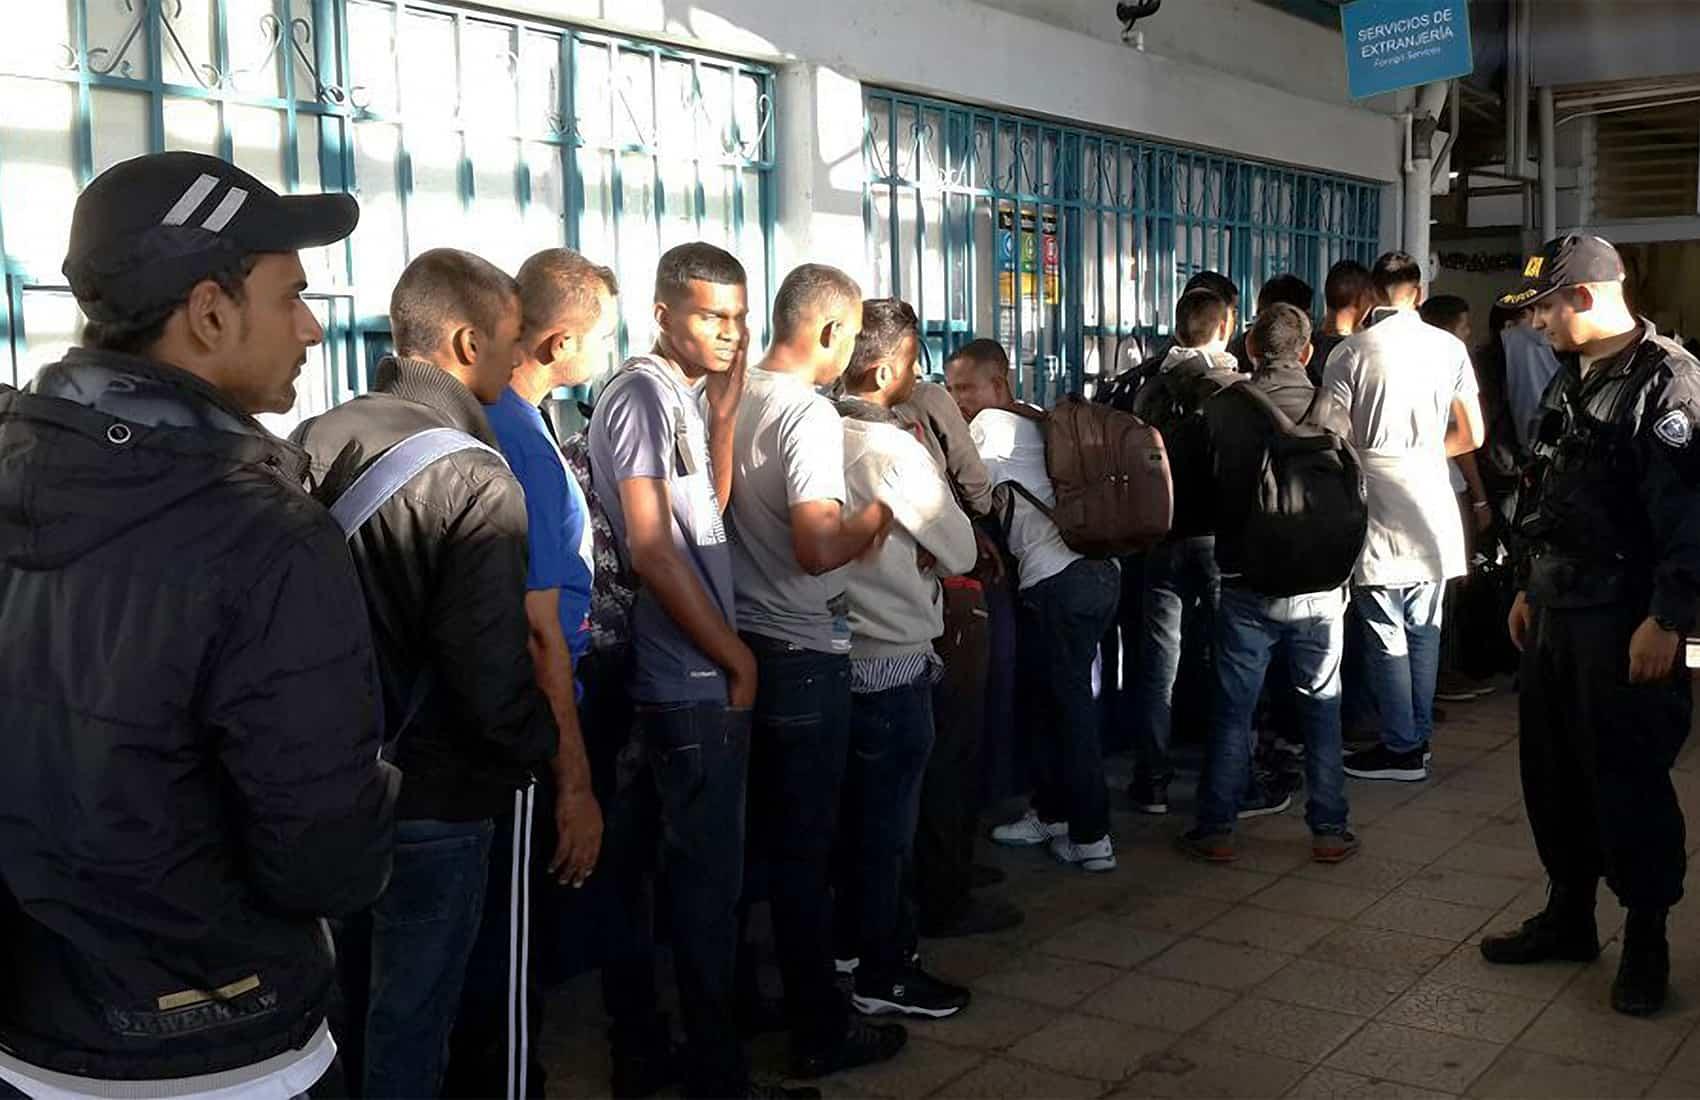 Undocumented men, Dec. 1